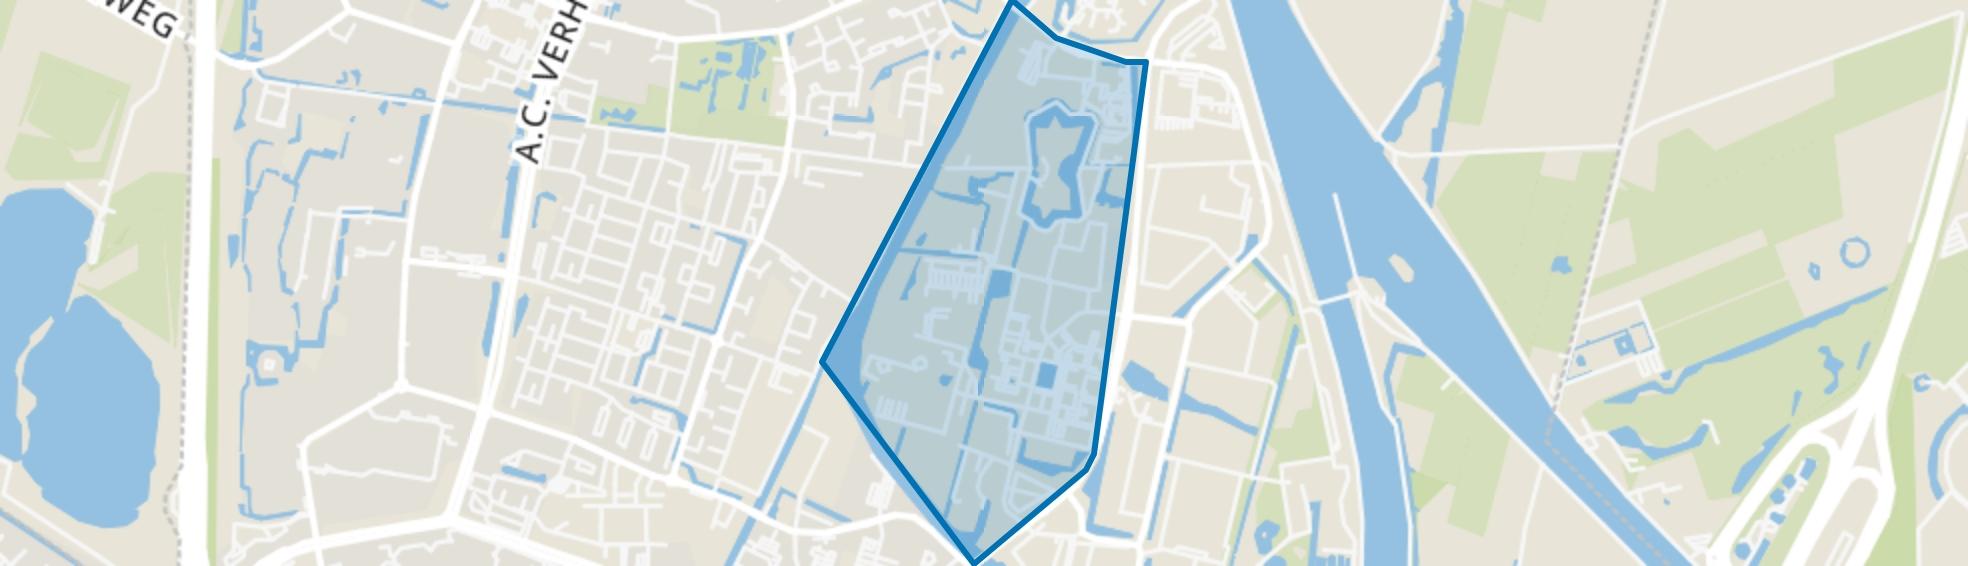 Rijnhuizen, Nieuwegein map